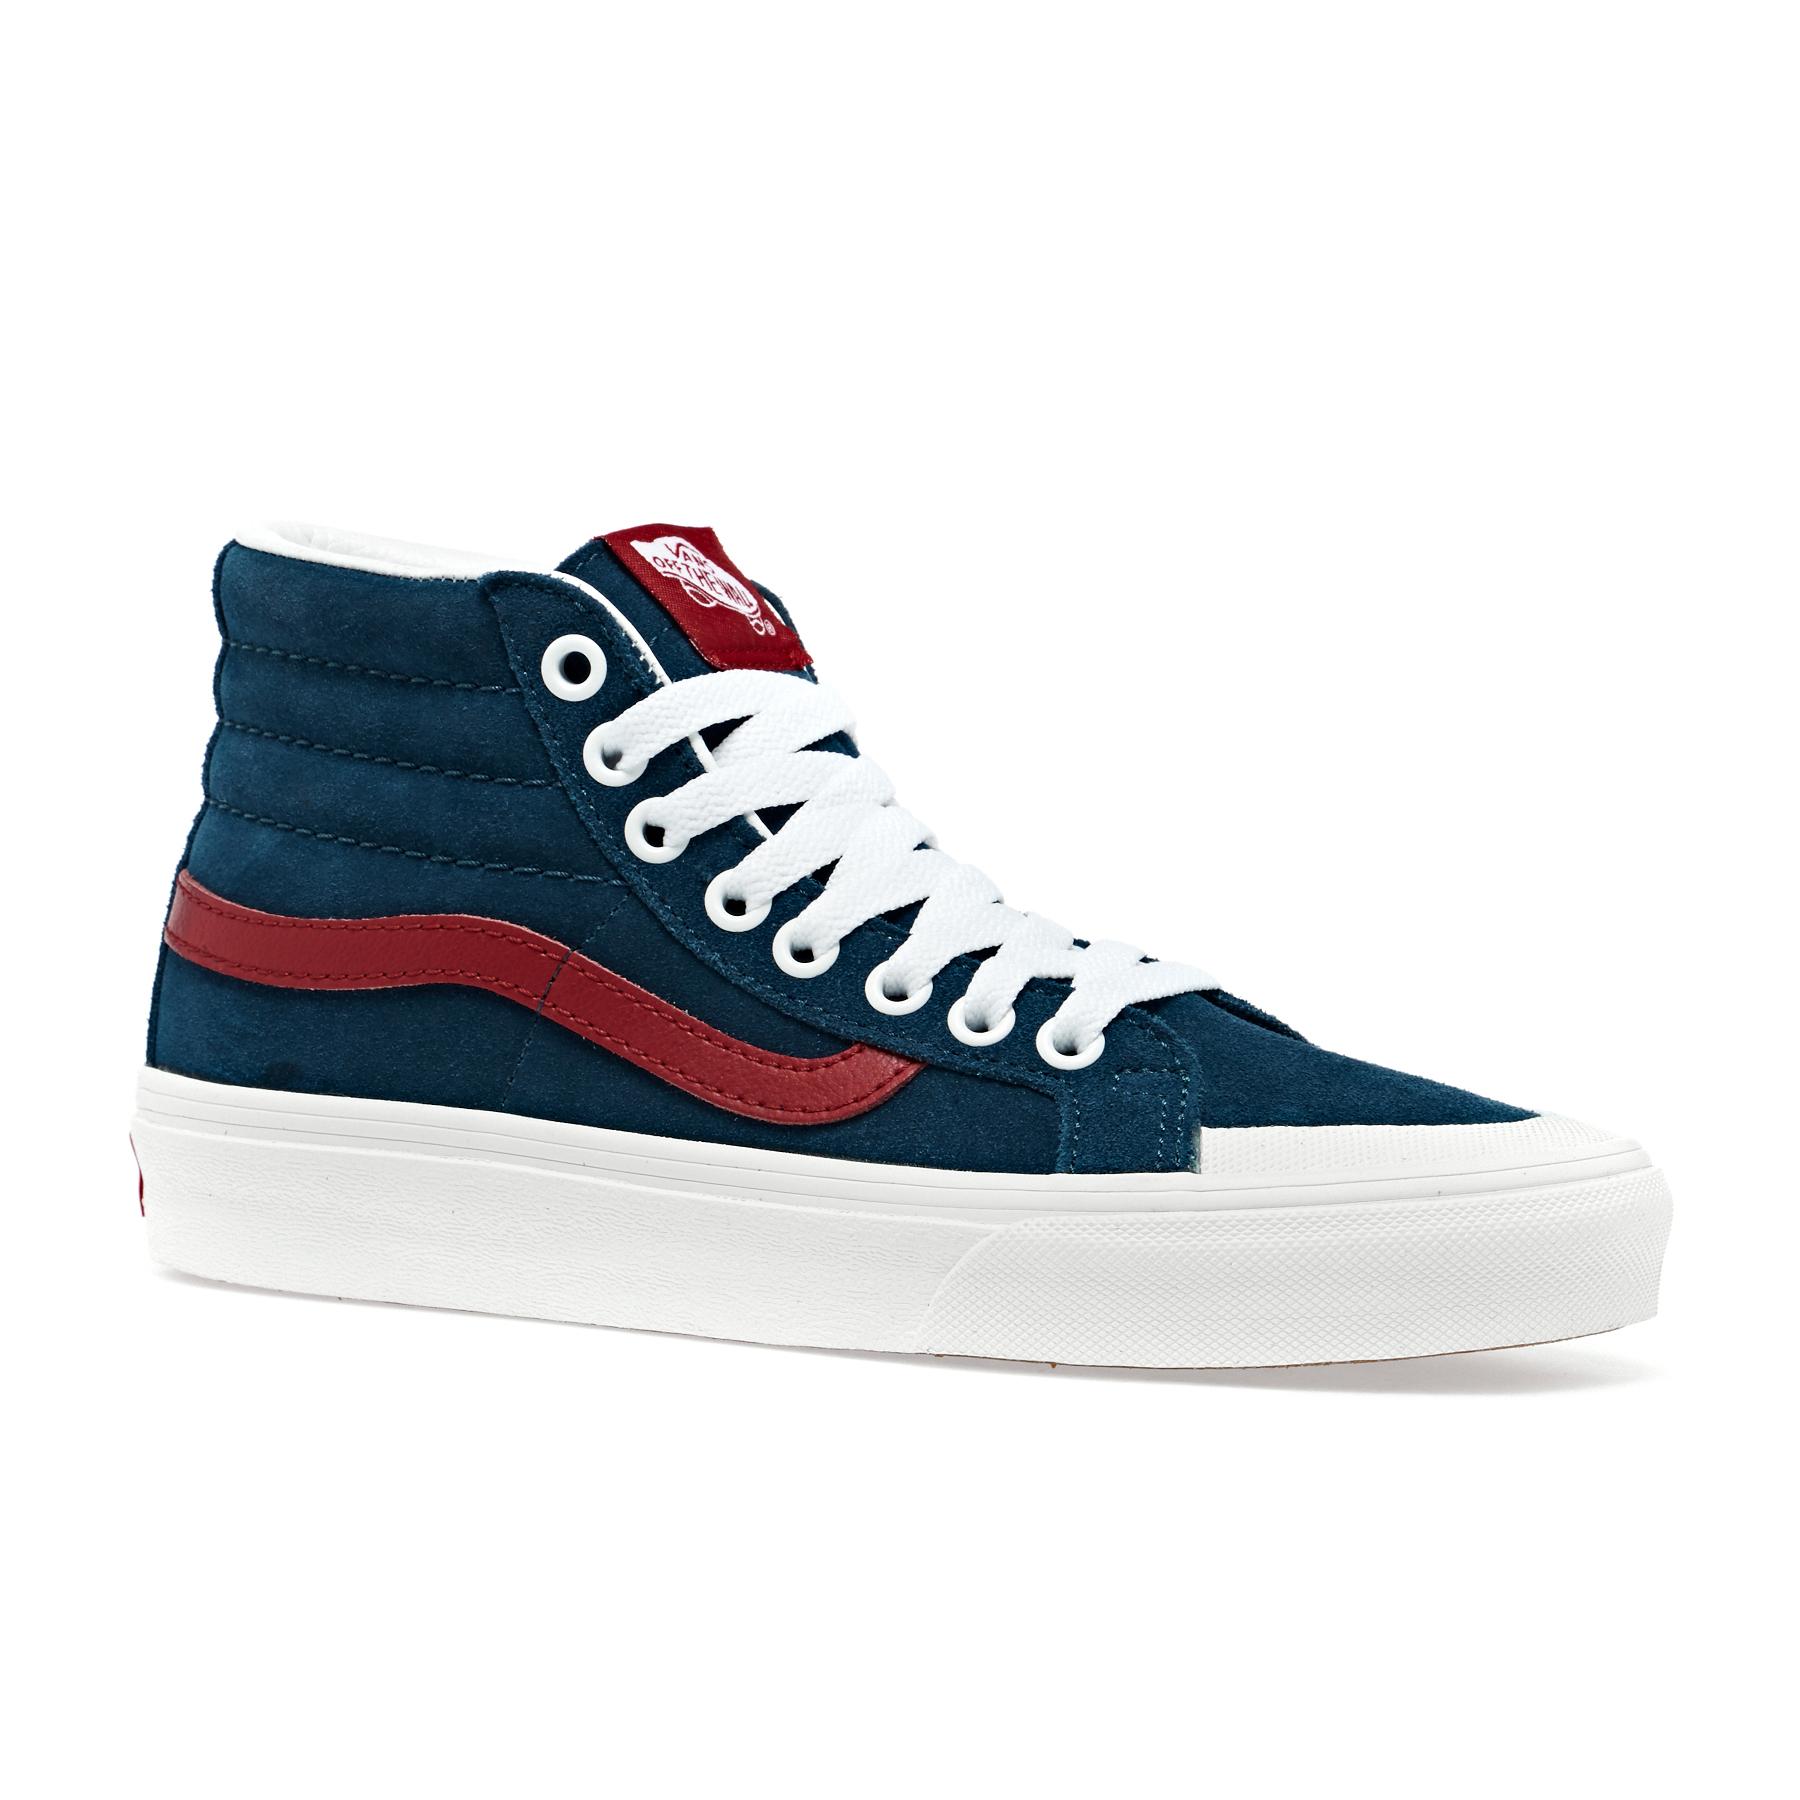 Skate Shoes beschikbaar bij Surfdome